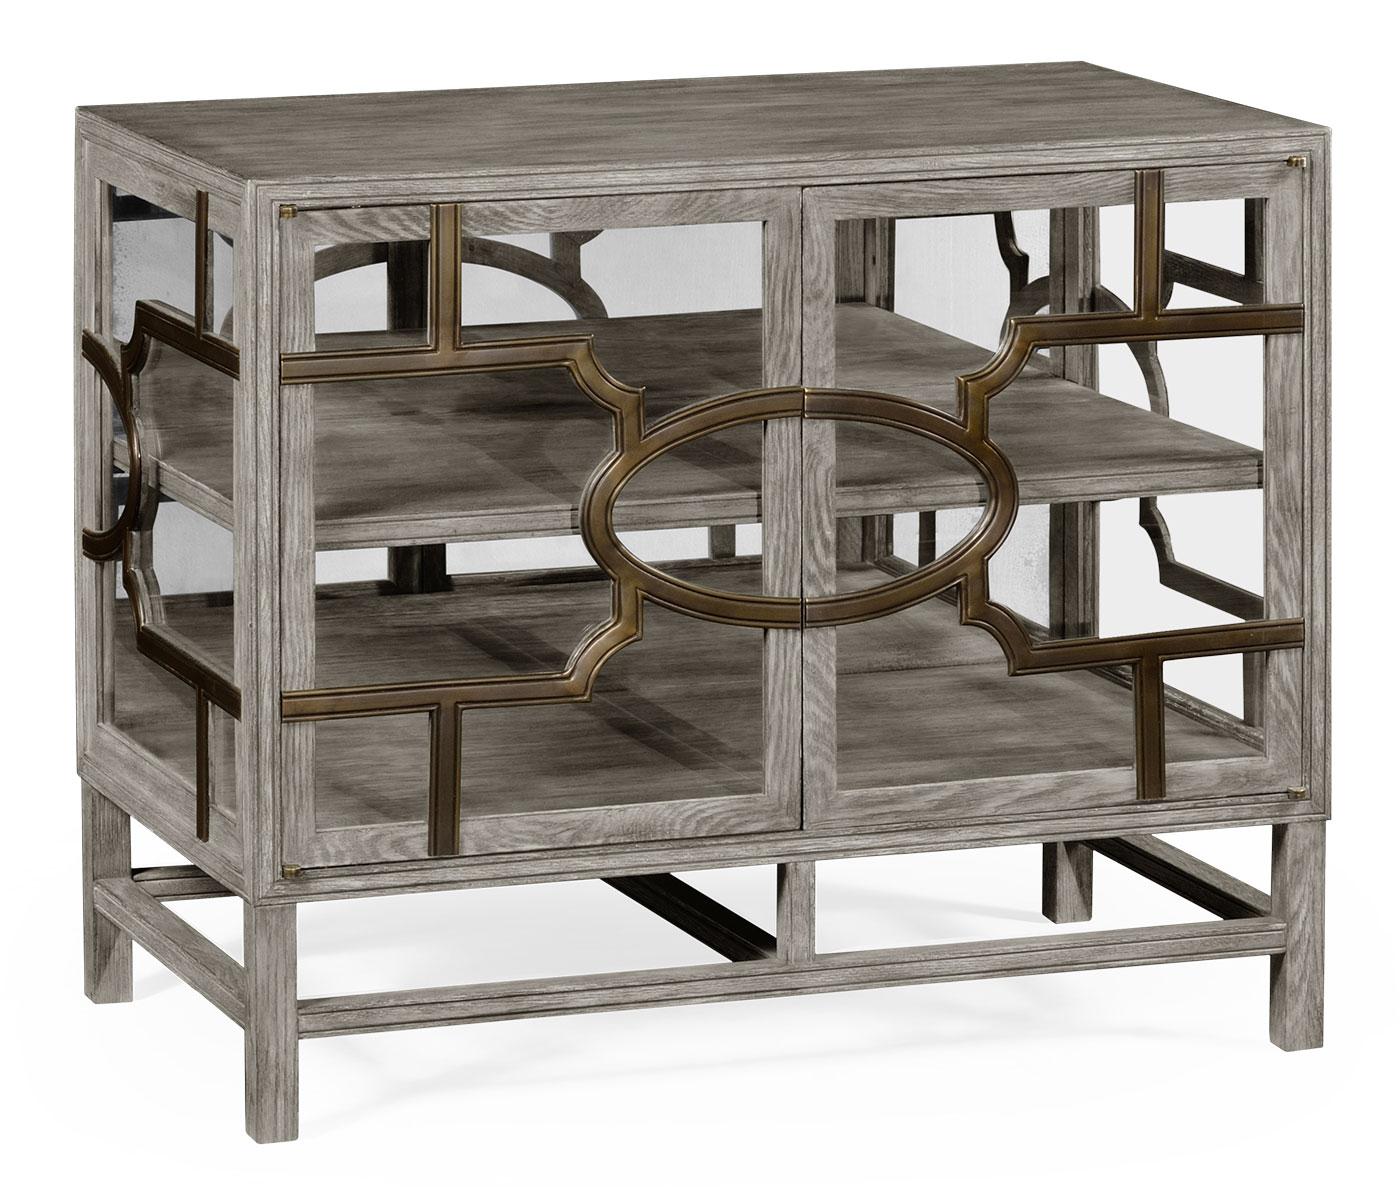 Hewlett Glazed Cabinet